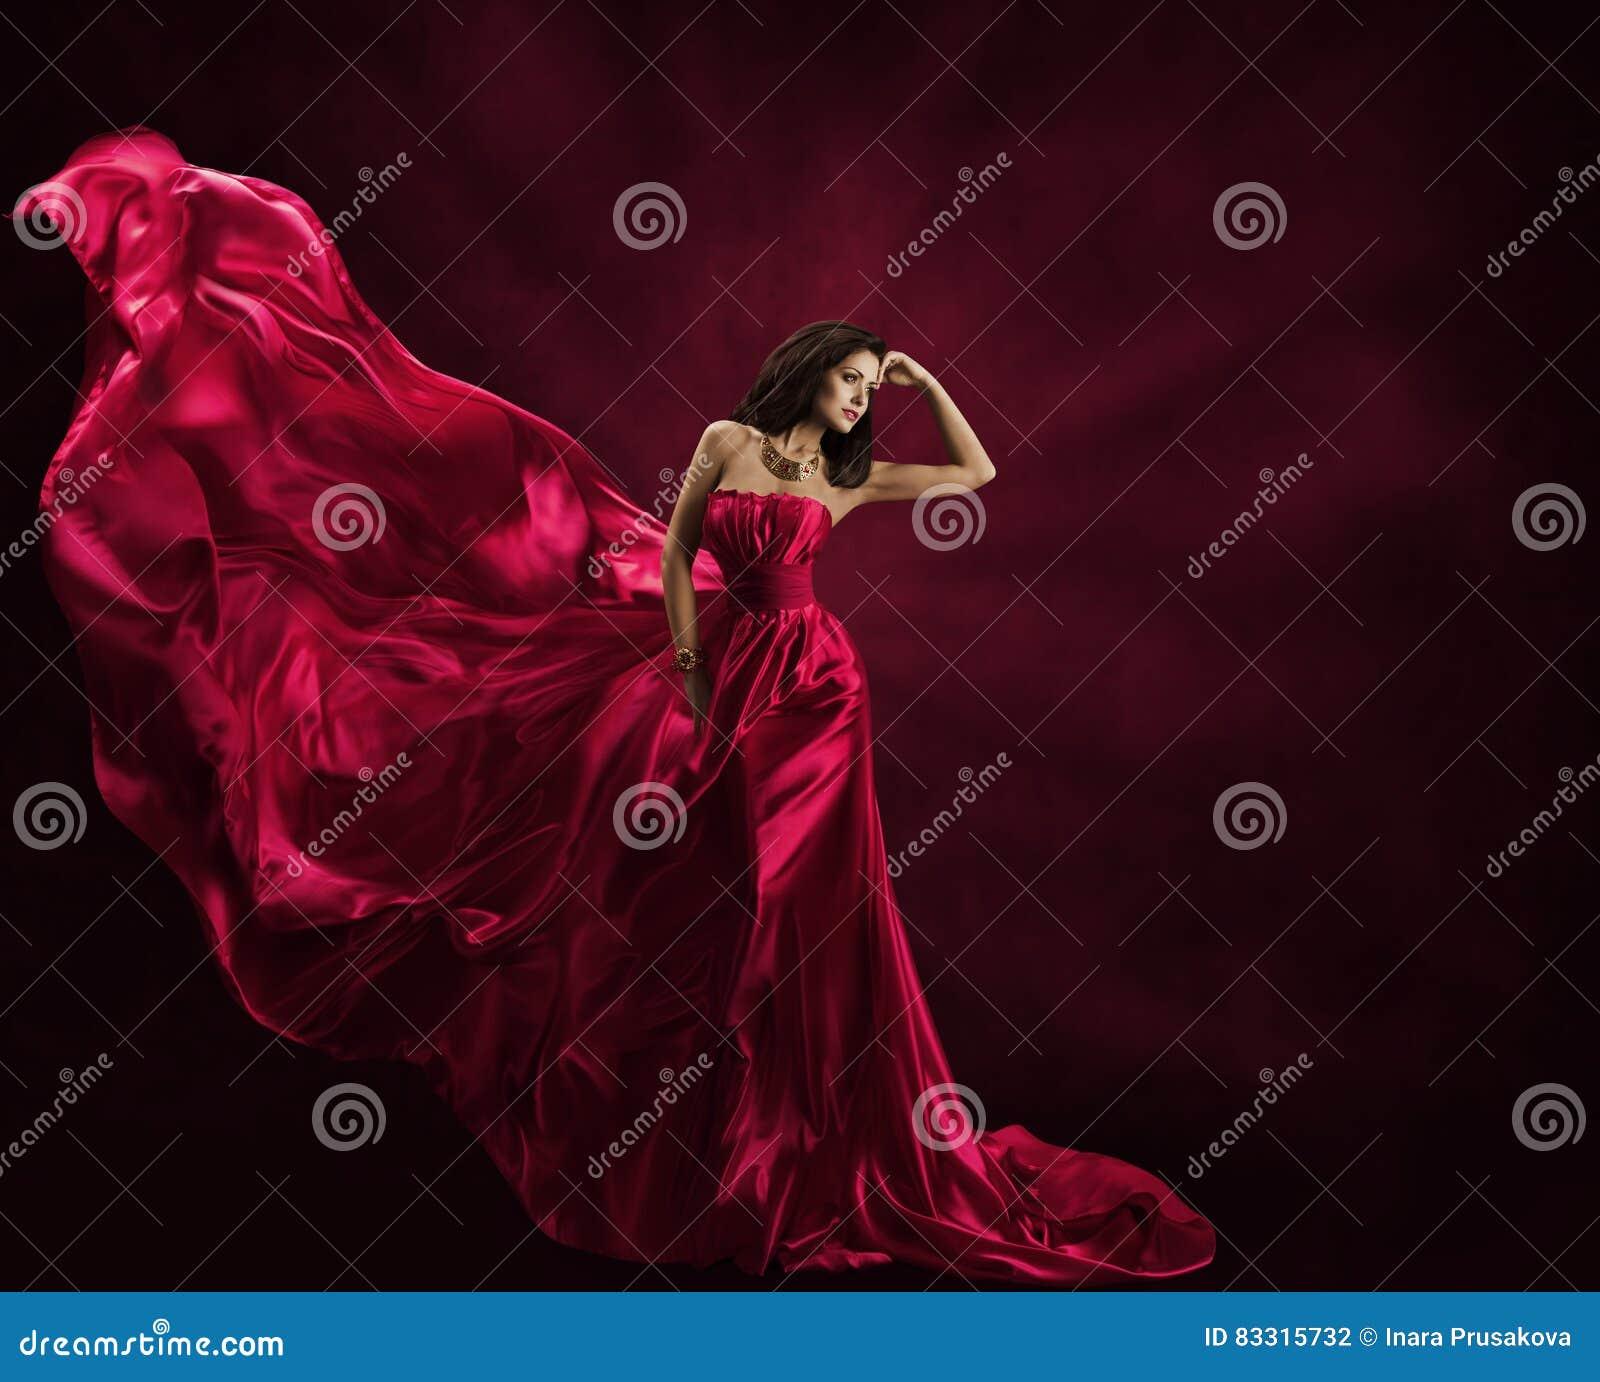 bda3fbdb1459 Πρότυπο φόρεμα μόδας, γυναίκα στην πετώντας εσθήτα, ύφασμα μεταξιού που  κυματίζει στον αέρα, ρέοντας κύματα υφασμάτων σατέν. Φωτογραφία ...